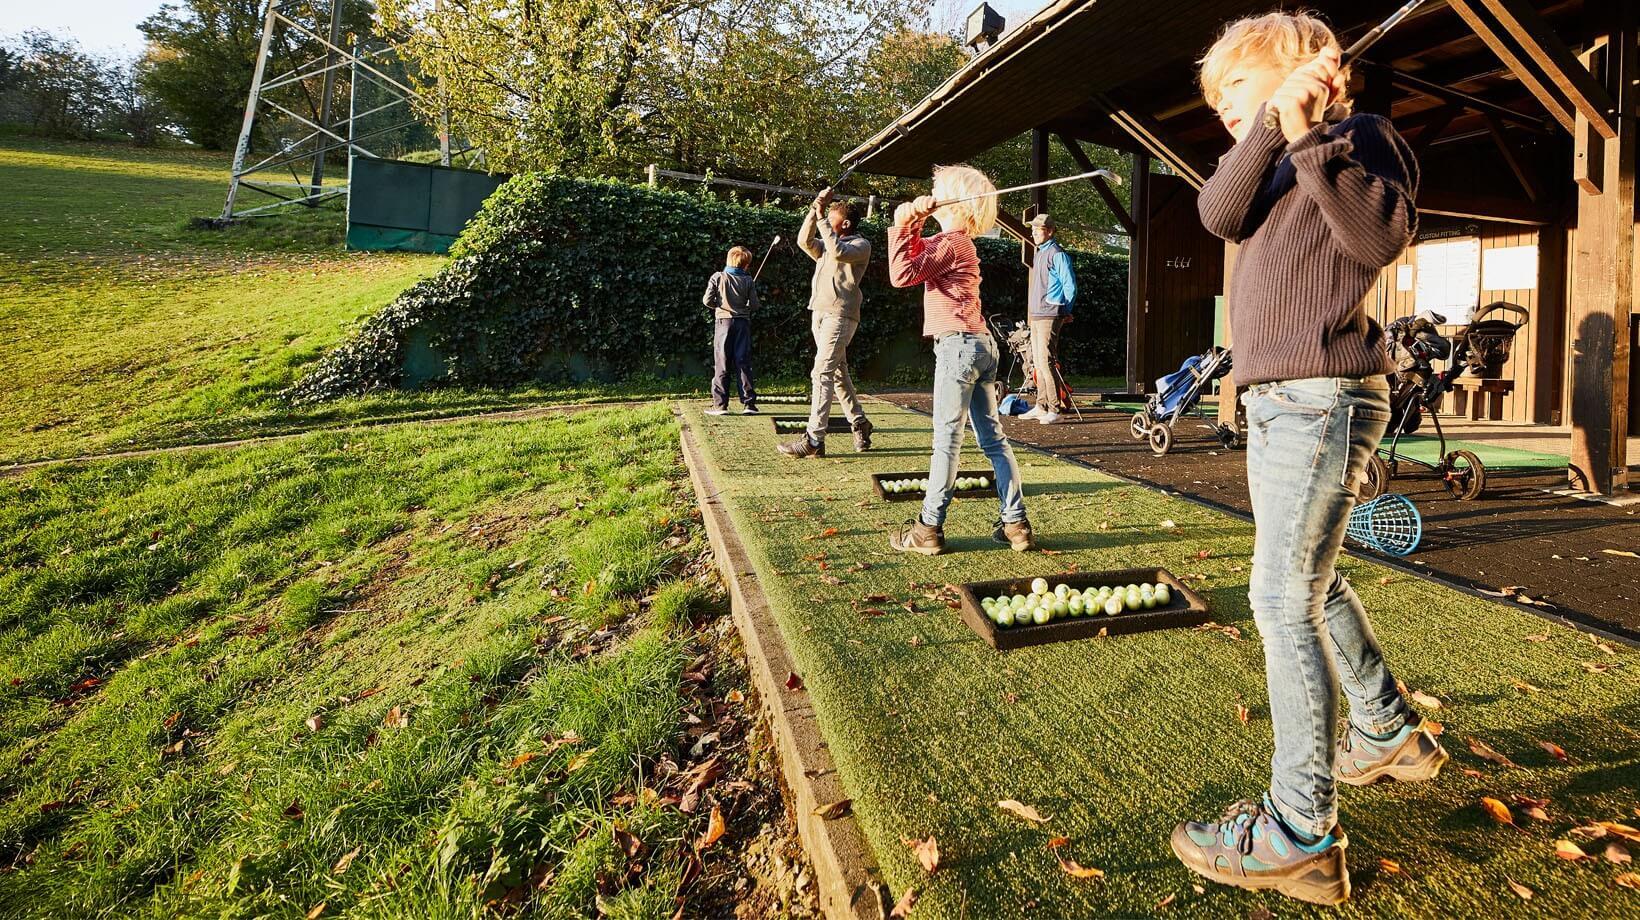 Vom Golfclub finanziertes Kinder- und Jugendtraining.